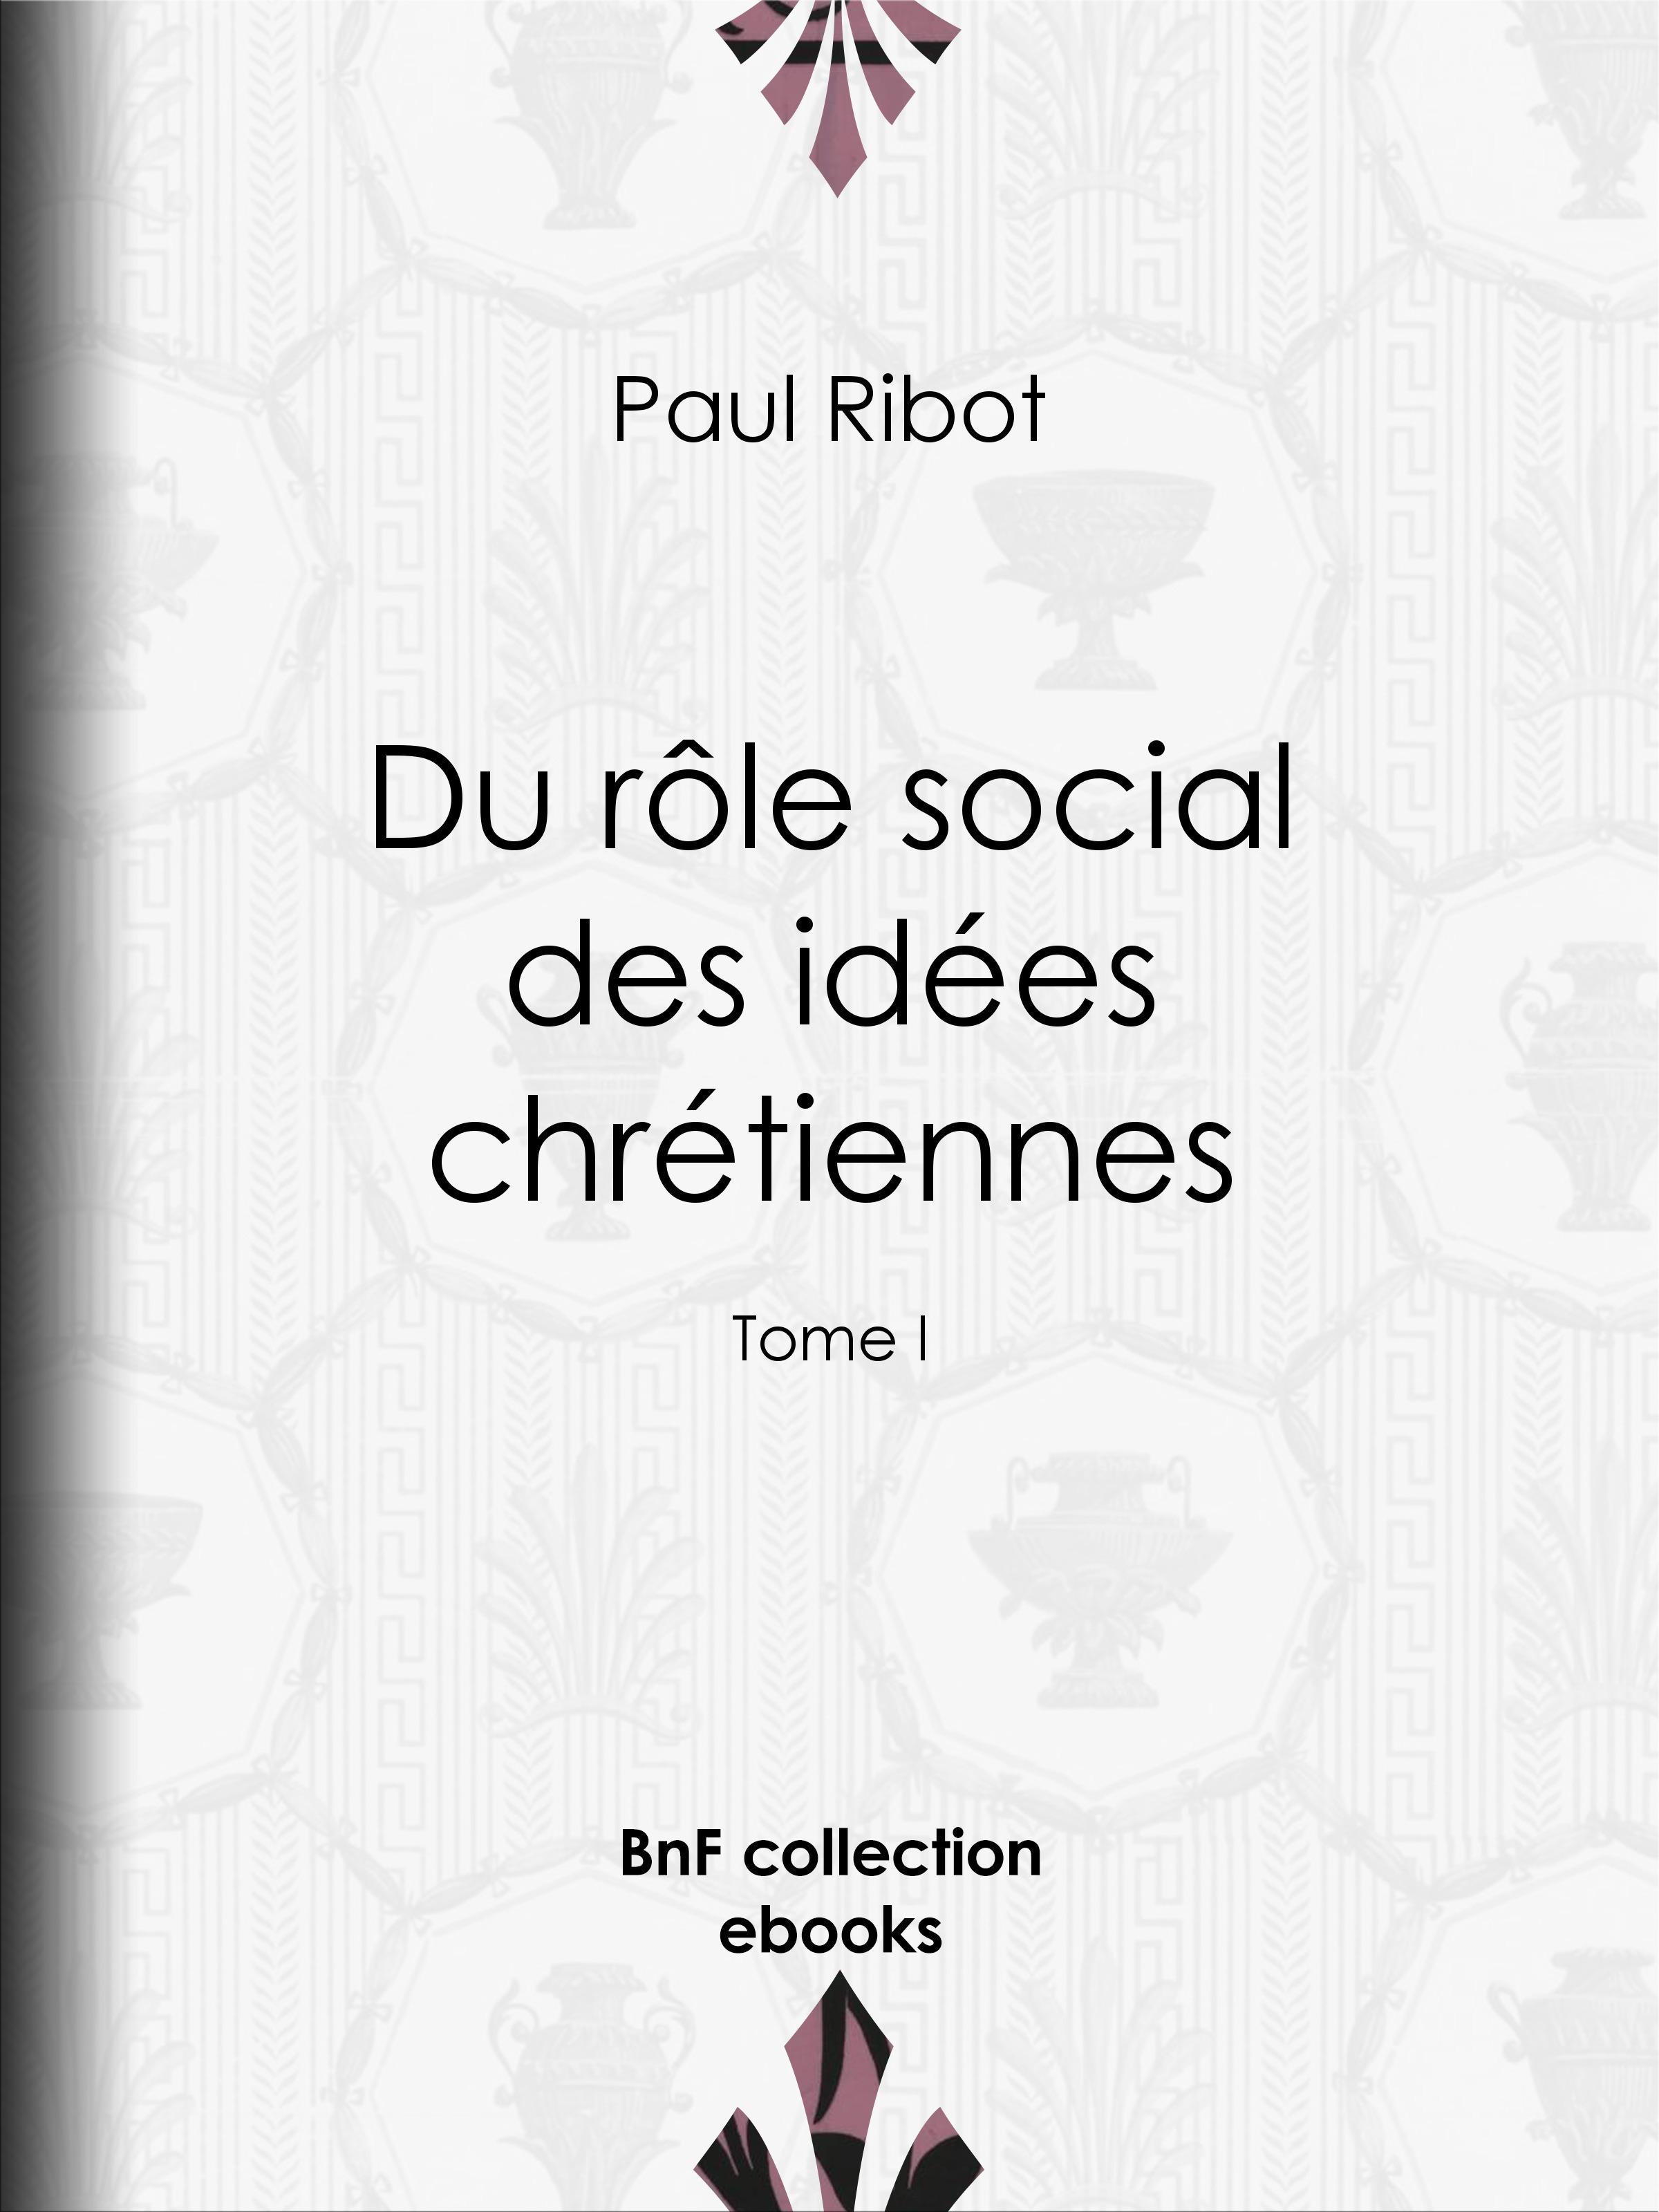 Du rôle social des idées chrétiennes